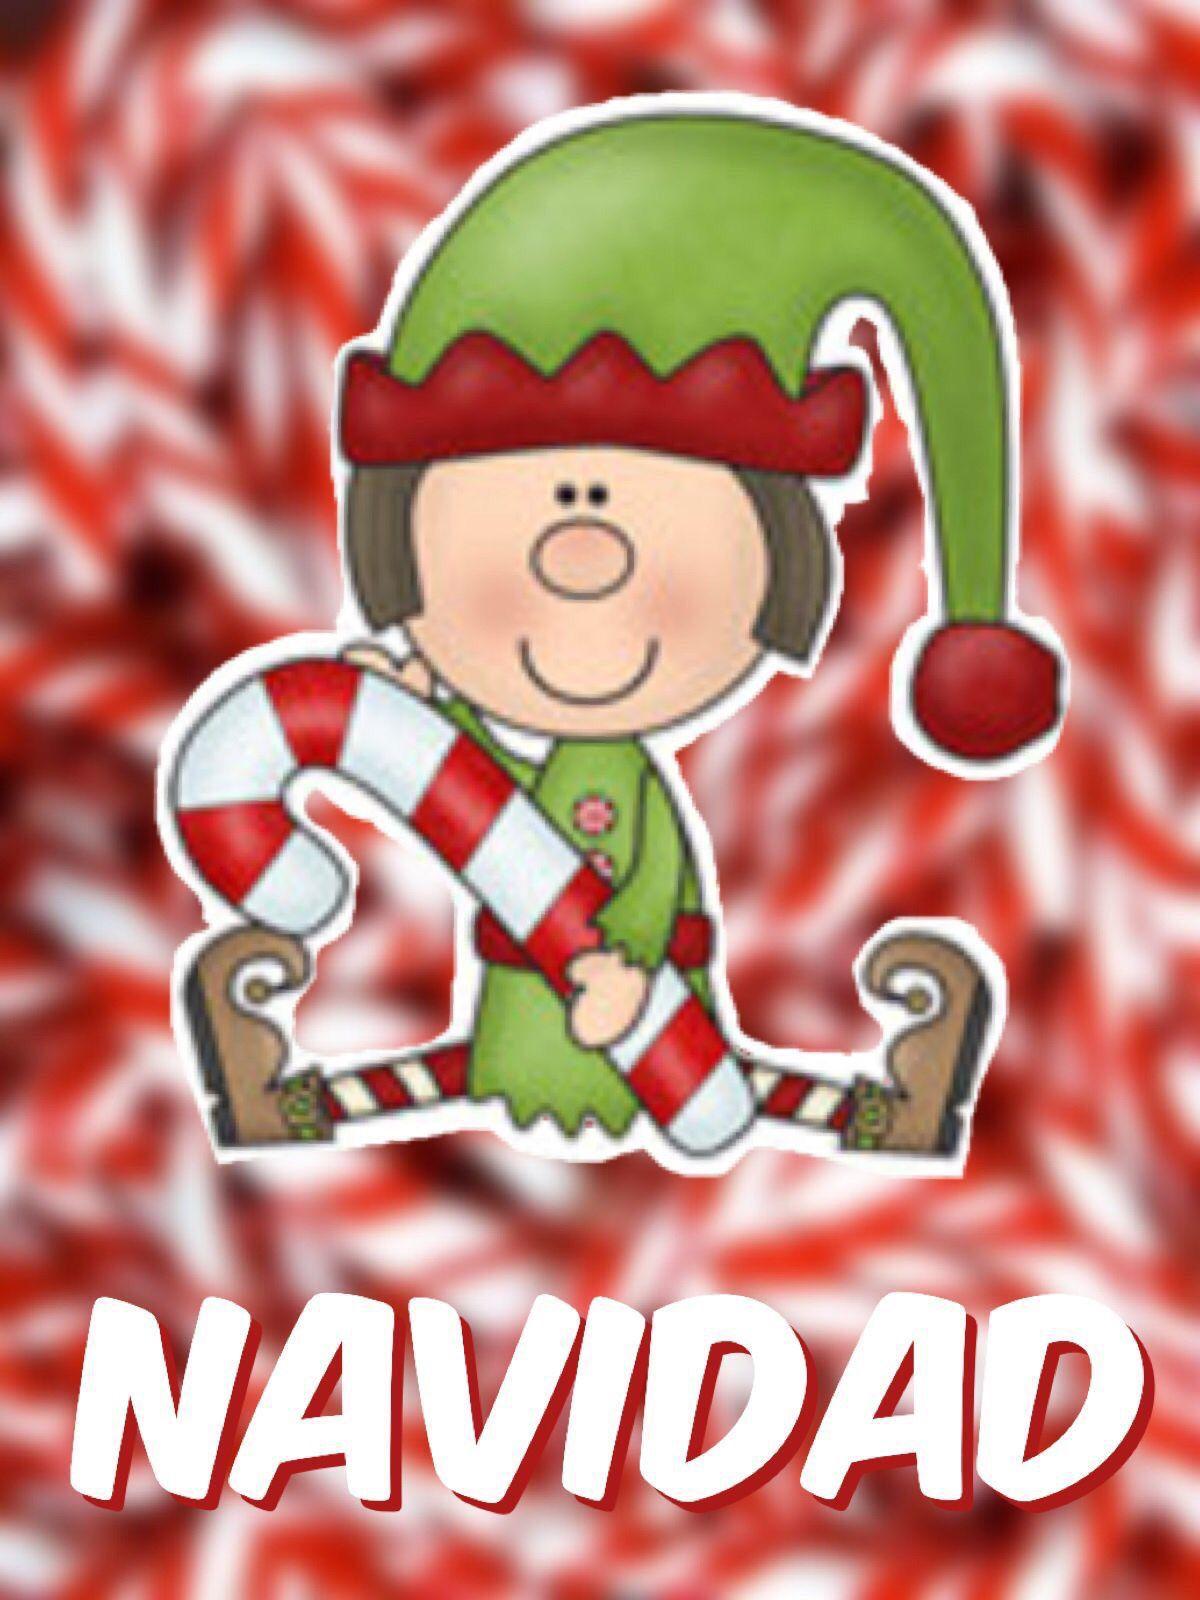 Navidad, duende entre bastones de caramelo | Año nuevo y navidad ...